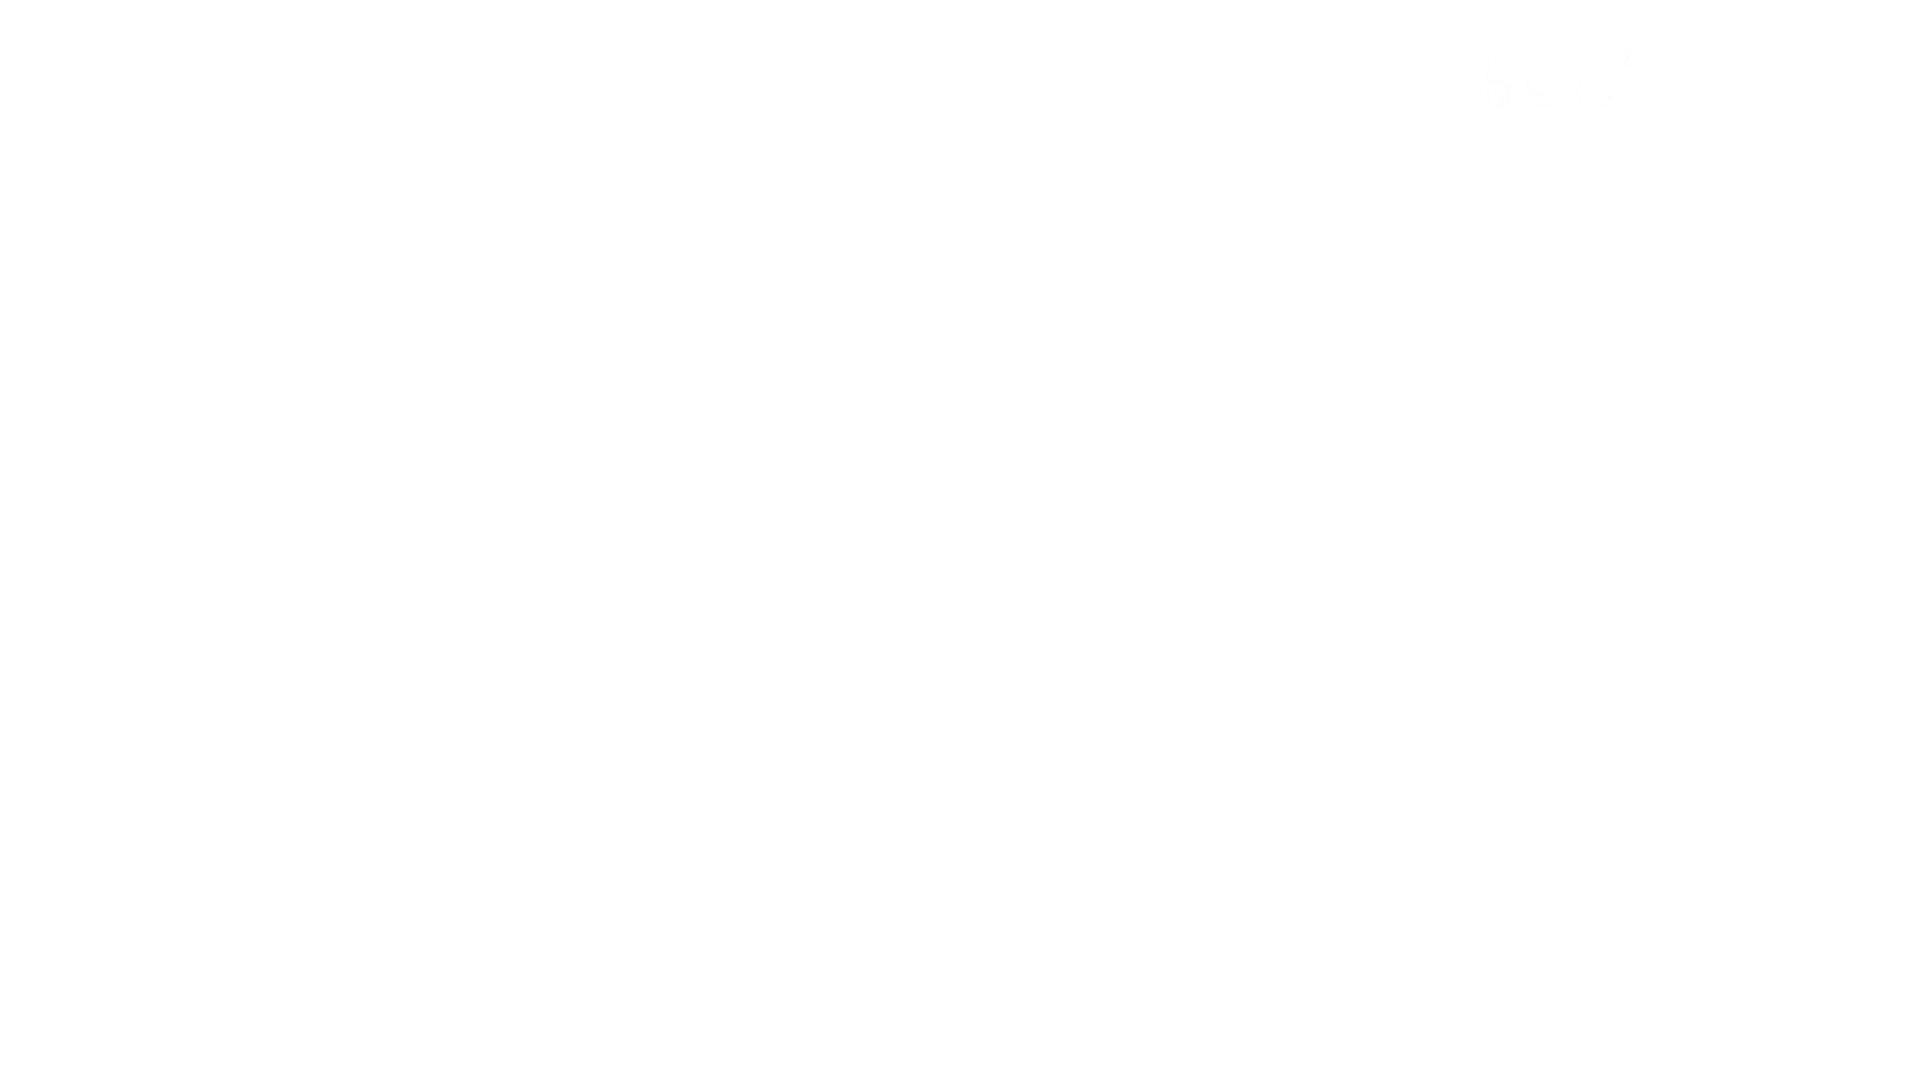 至高下半身盗撮-PREMIUM-【院内病棟編 】VOL2 OL | 盗撮エロすぎ  81連発 18